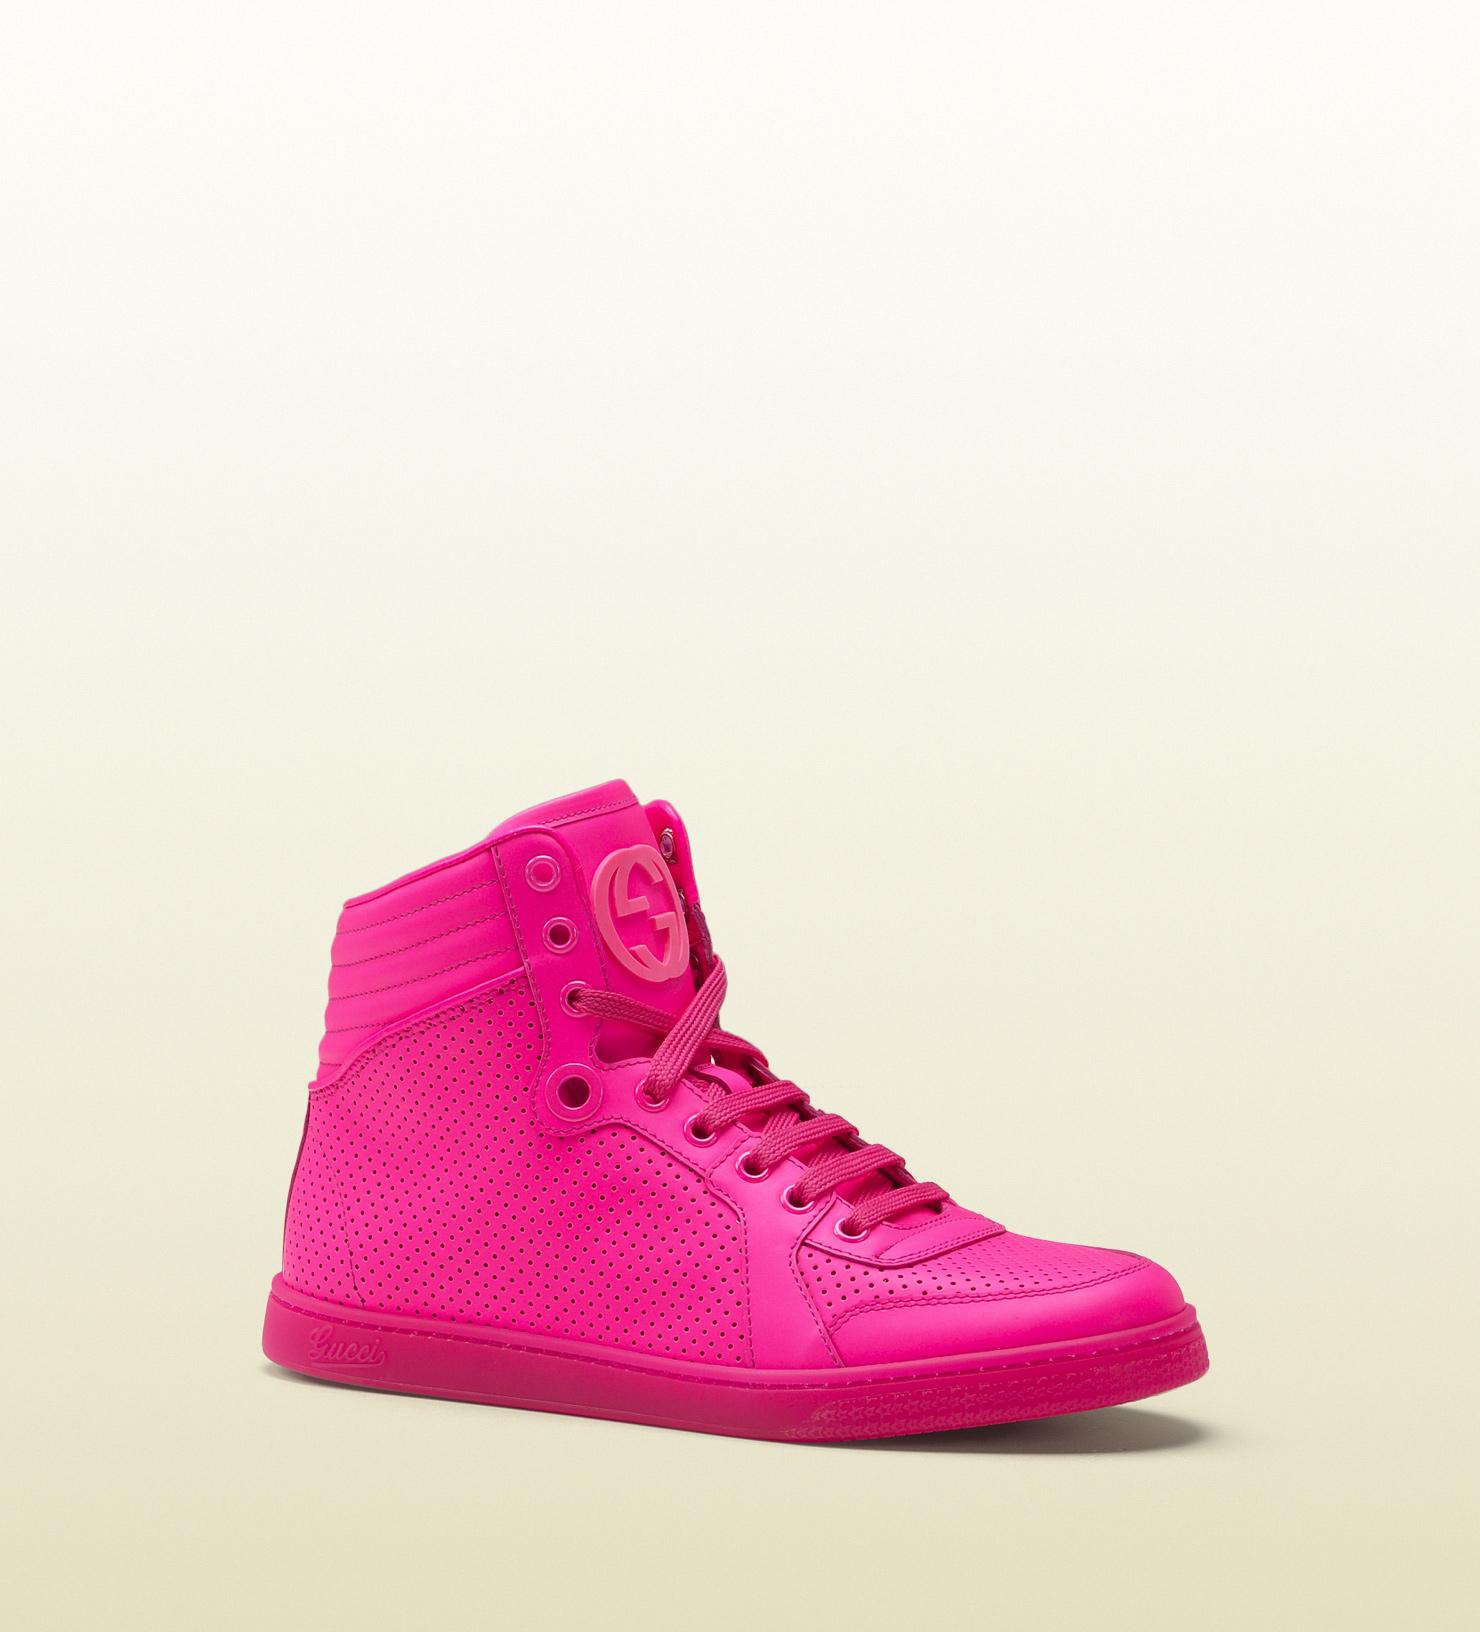 6344c4f83 Gucci - coda neon pink leather sneaker 323812DBL505616